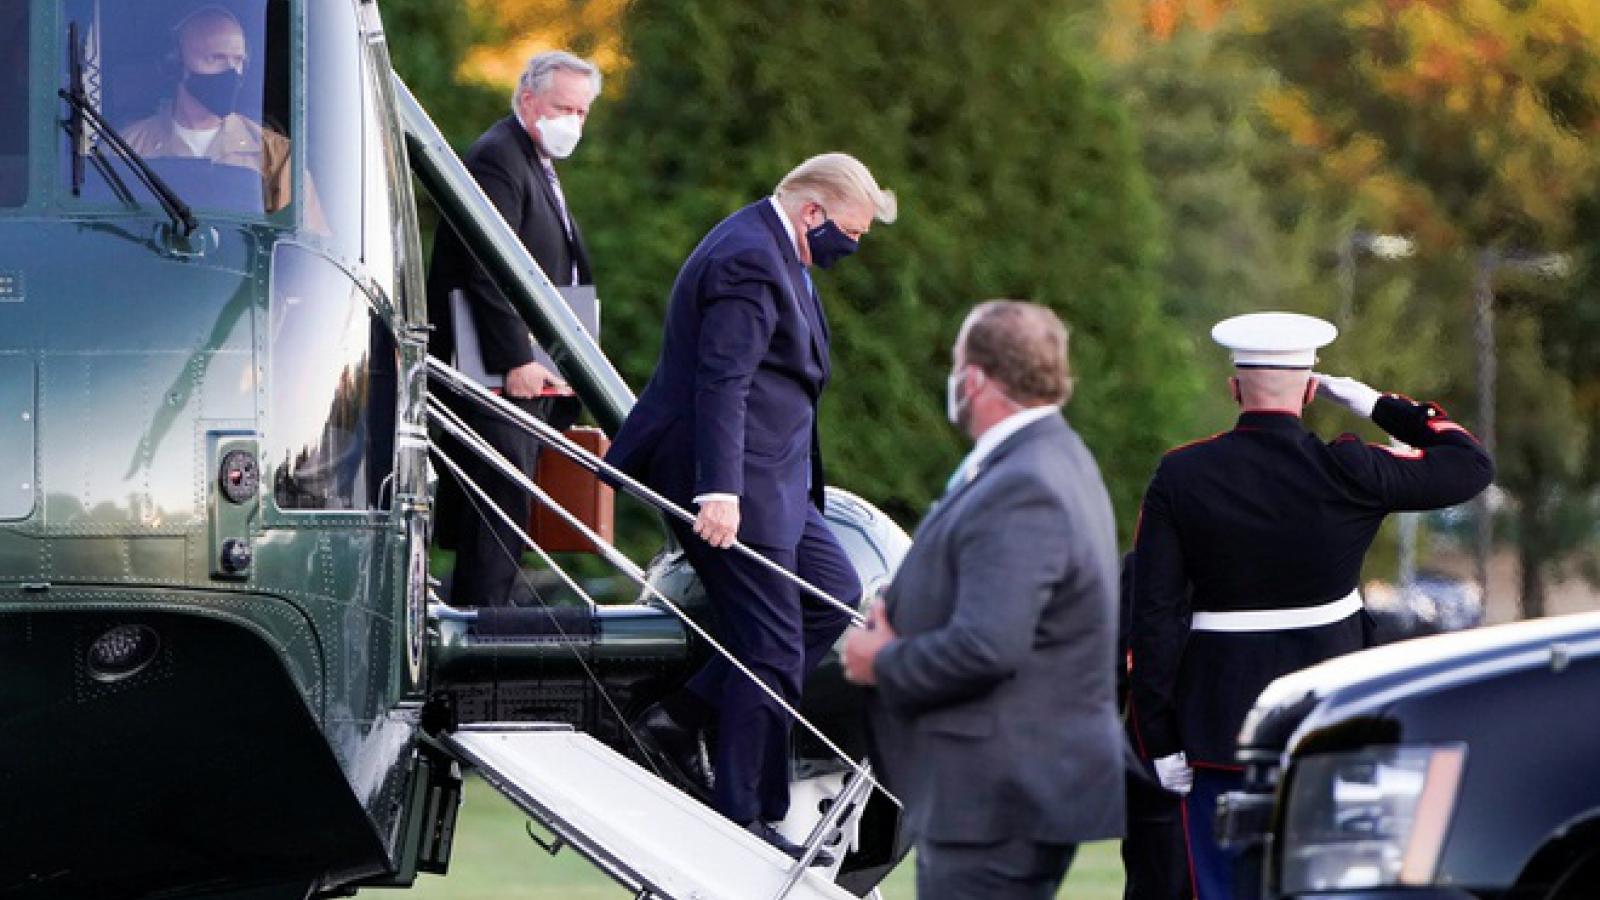 Xuất hiện thông tin trái chiều về tình hình sức khỏe của Tổng thống Trump